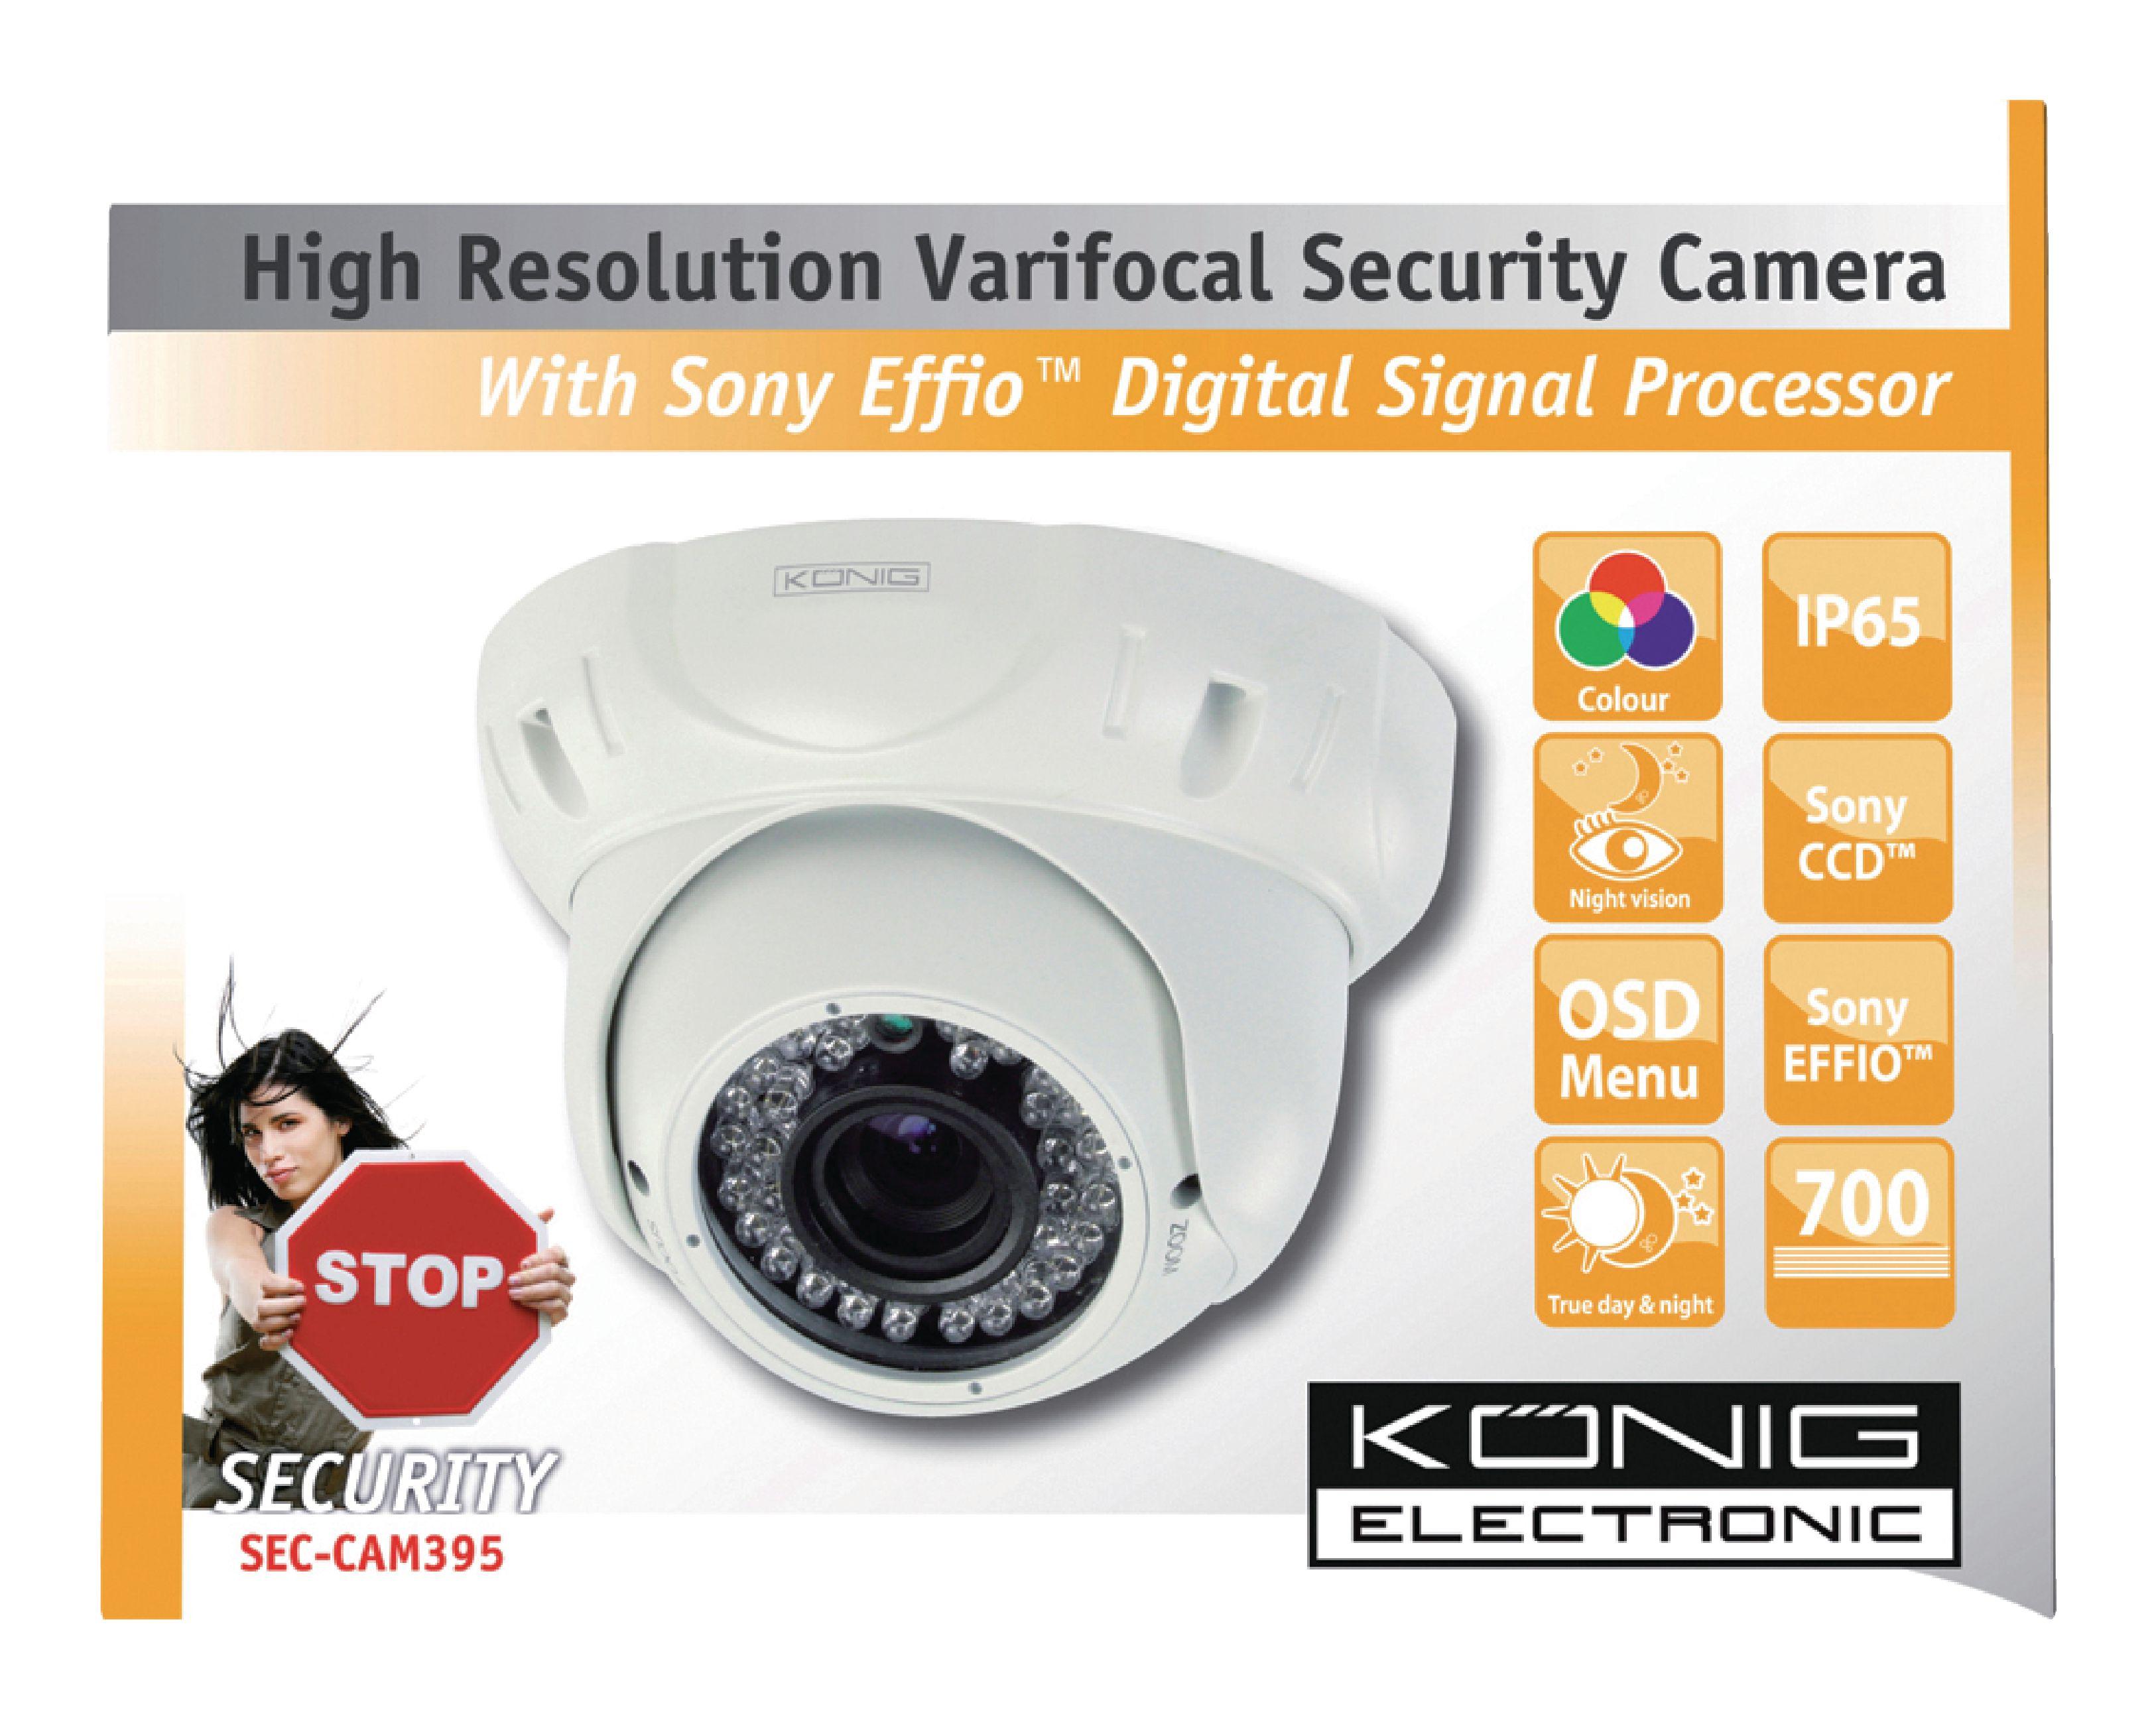 SEC-CAM395 - König